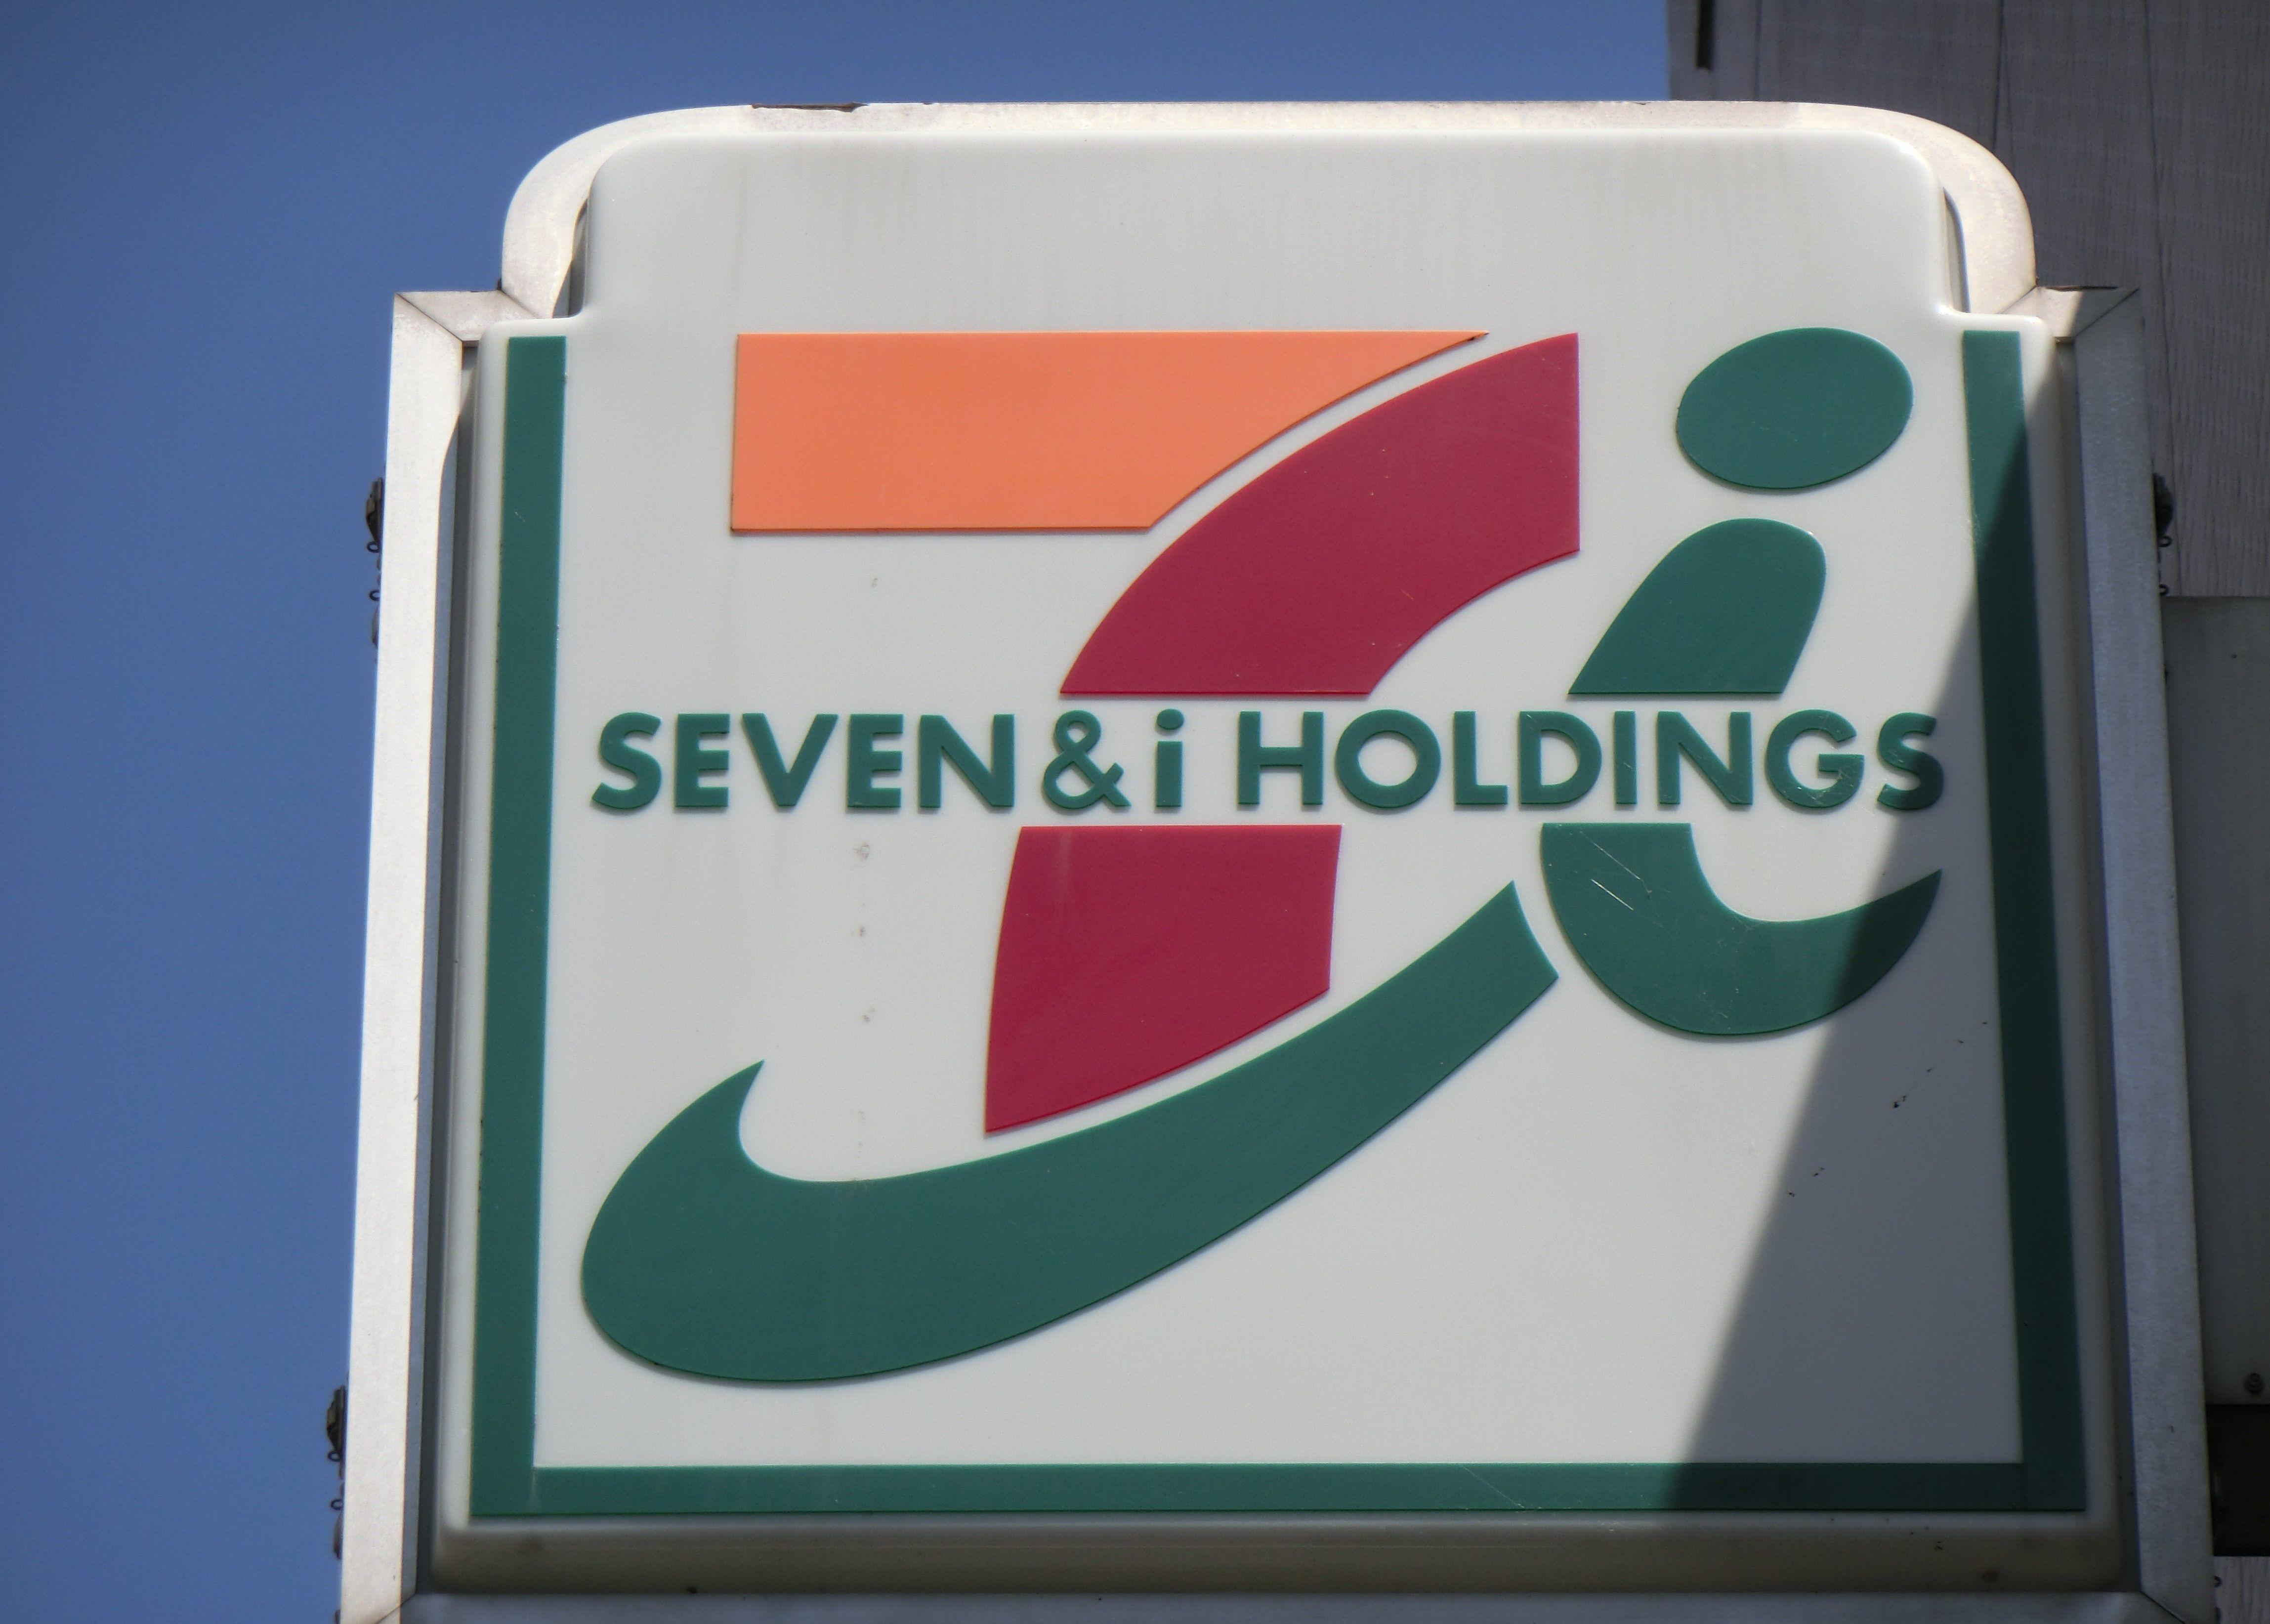 セブンの米コンビニ買収「2.2兆円」は高い買い物なのか